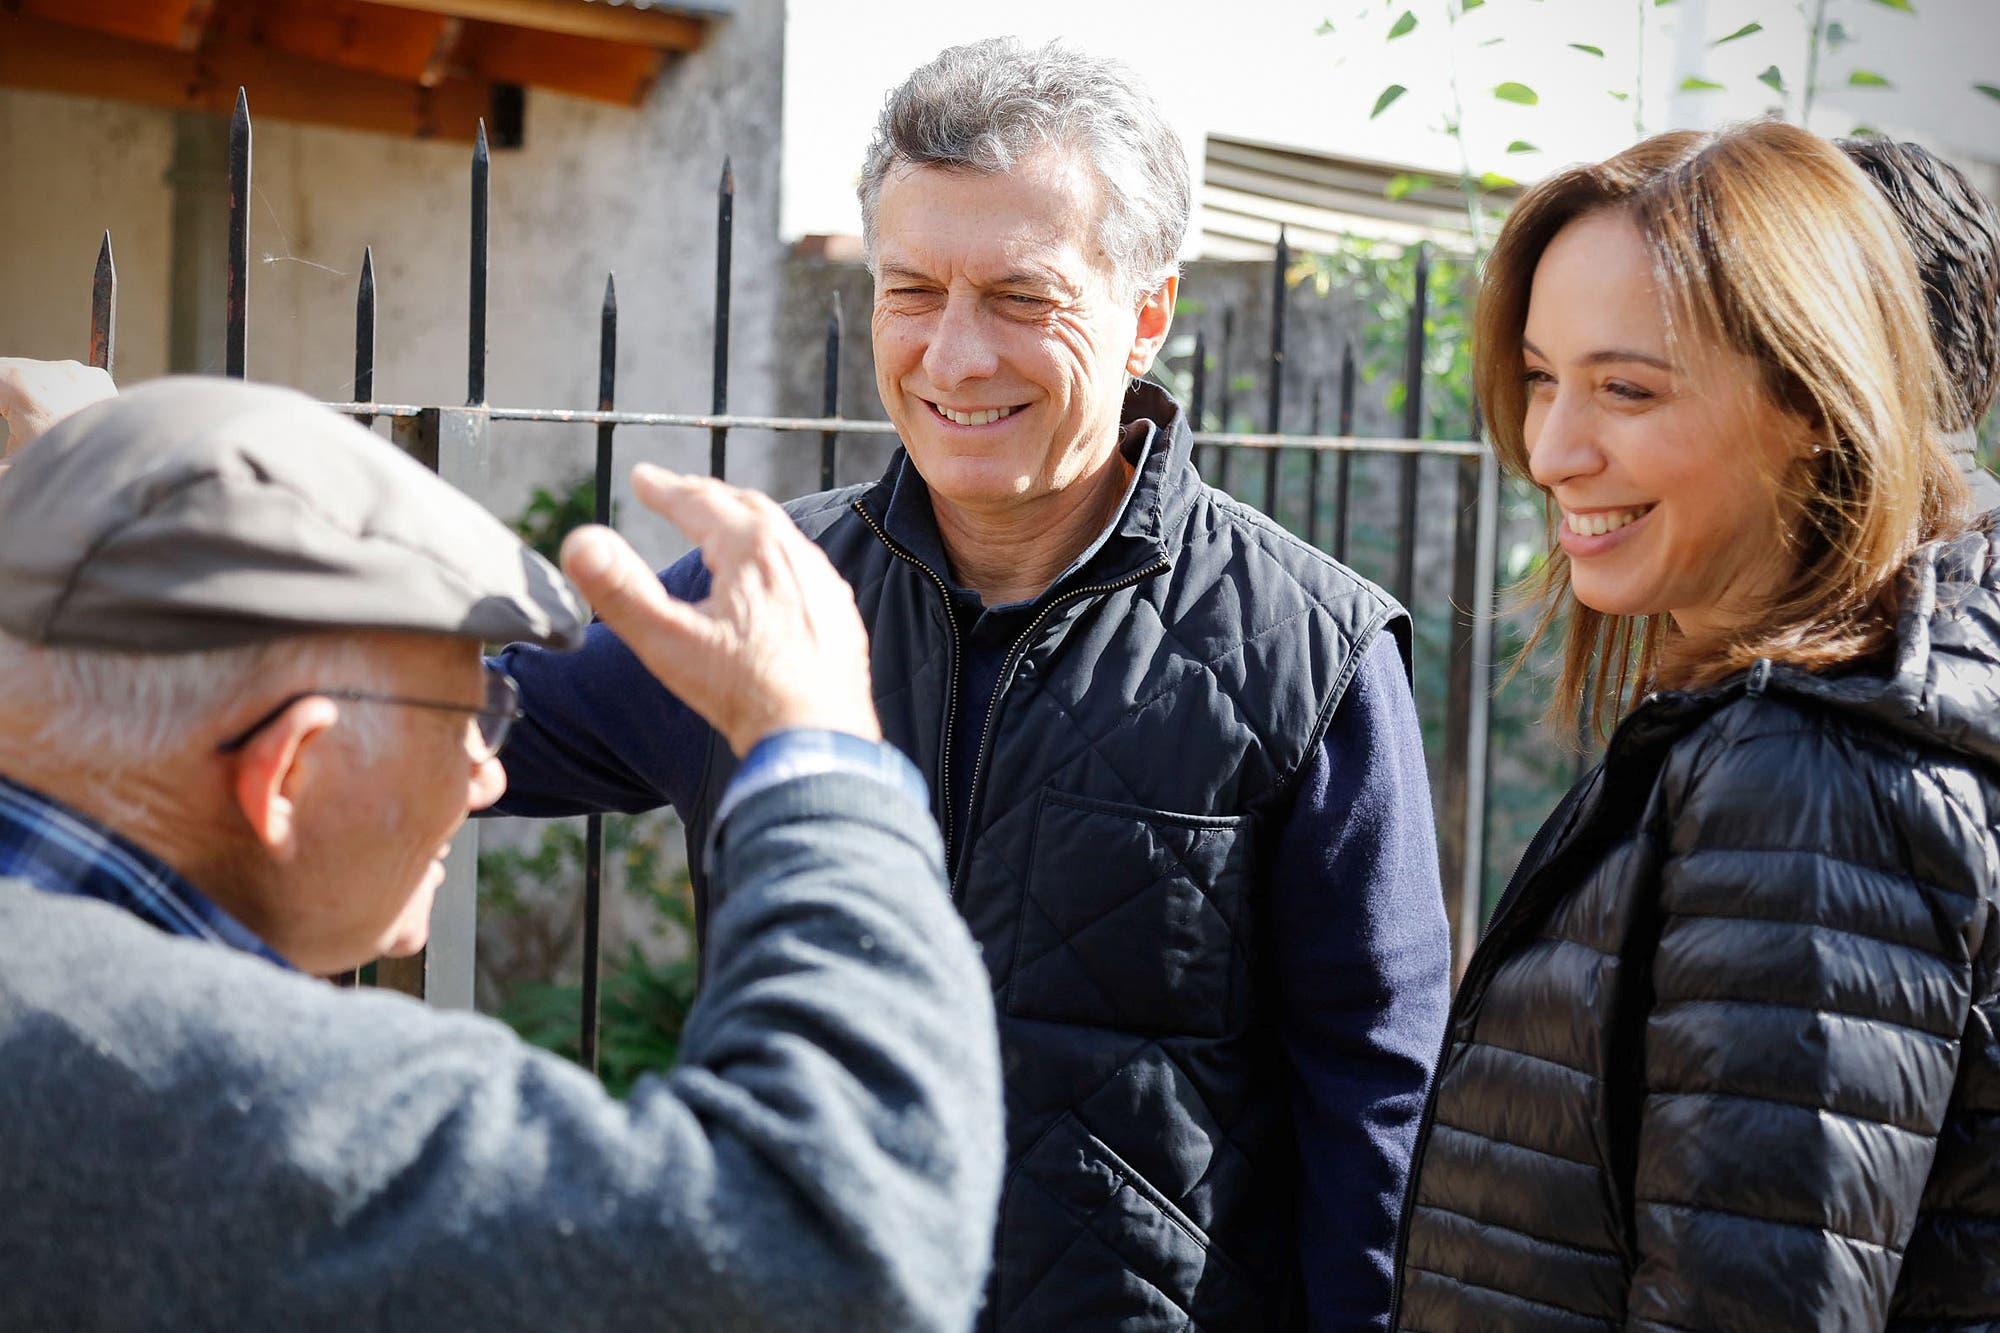 La actualización del fondo del conurbano sube la tensión entre Macri y Vidal